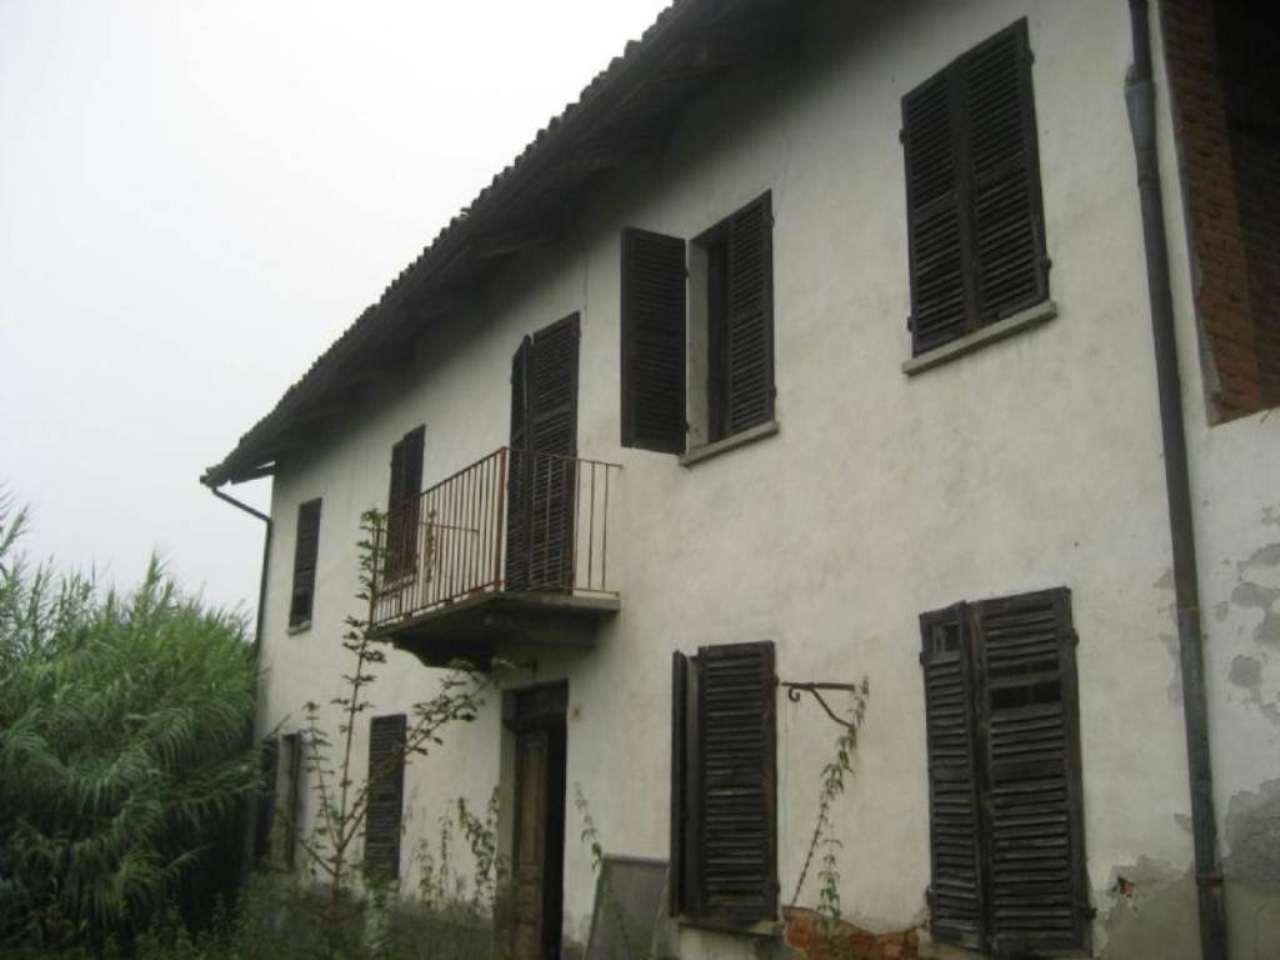 Rustico / Casale in vendita a Tigliole, 11 locali, prezzo € 38.000 | Cambio Casa.it